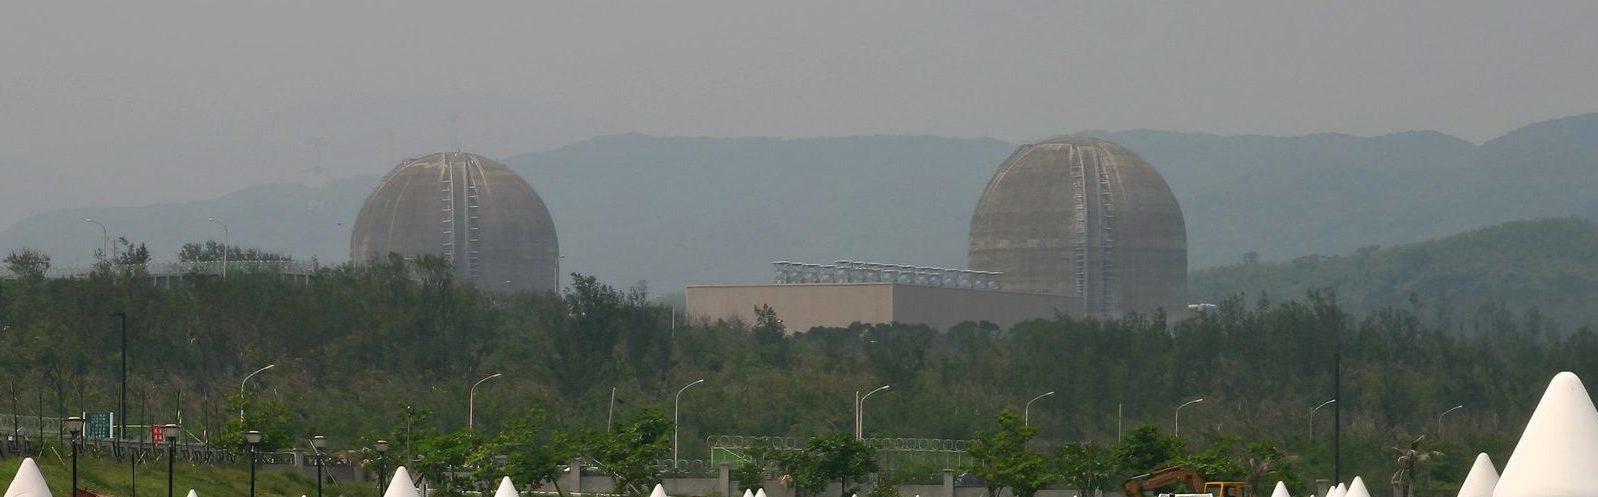 Taiwan Nuclear Power Plant